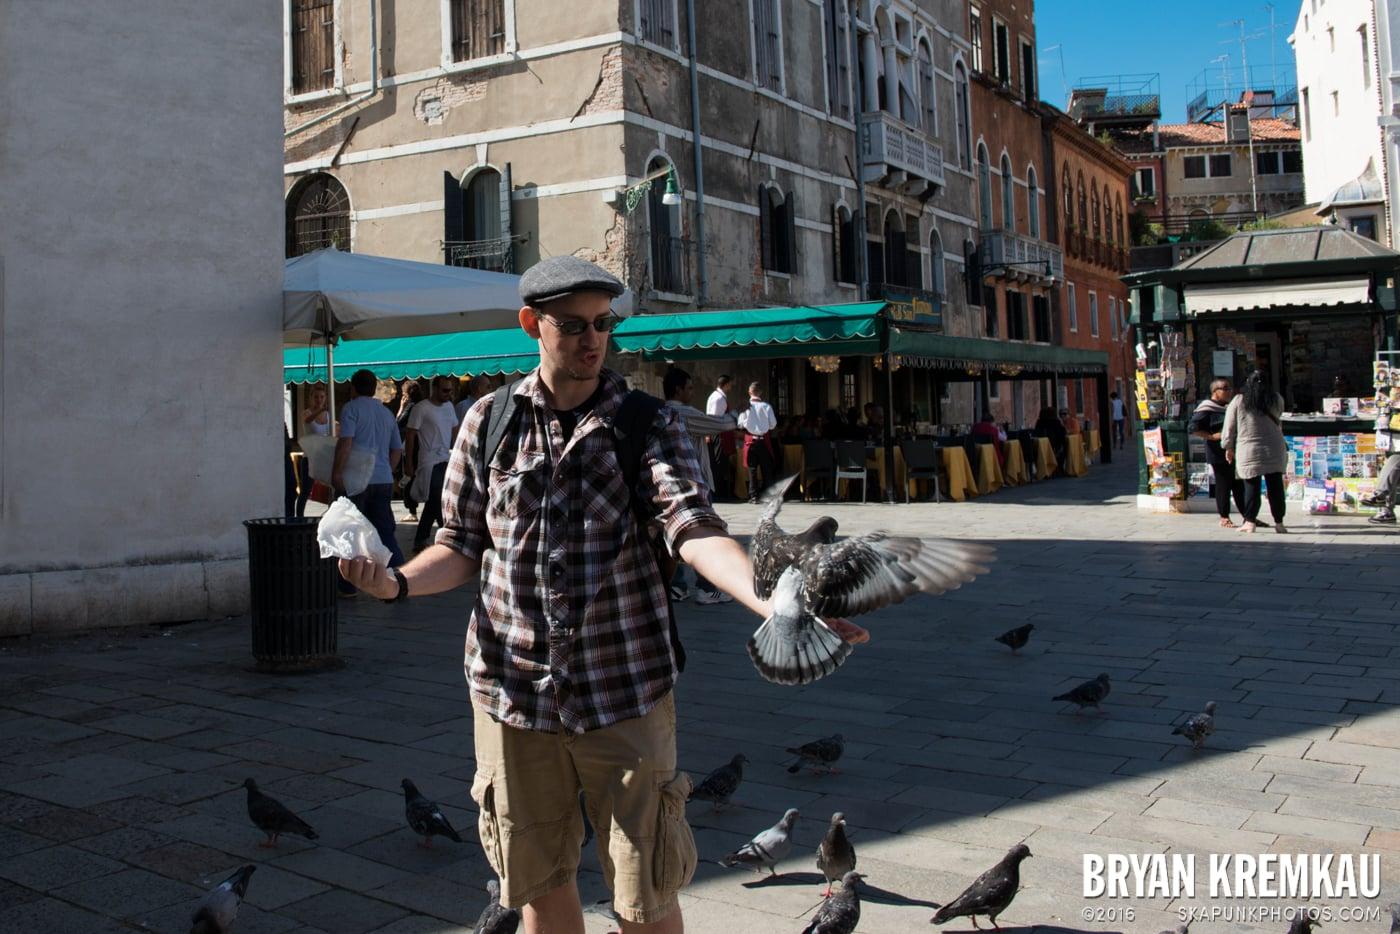 Italy Vacation - Day 4: Venice - 9.12.13 (73)